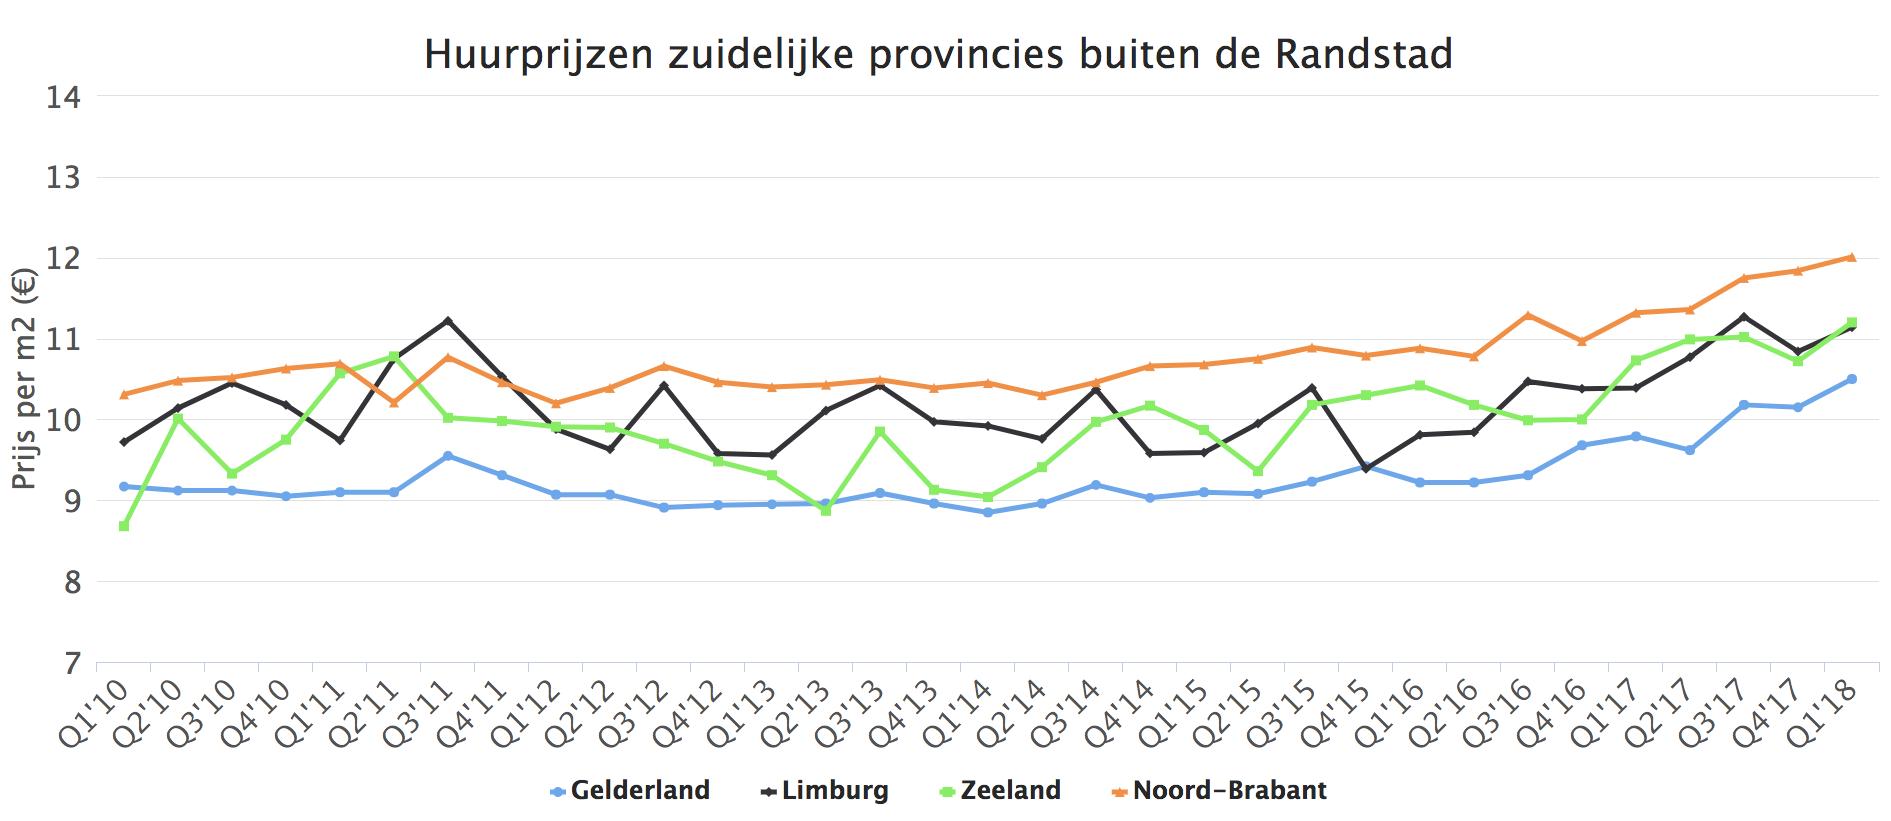 Huurprijzen zuidelijke provincies buiten de Randstad